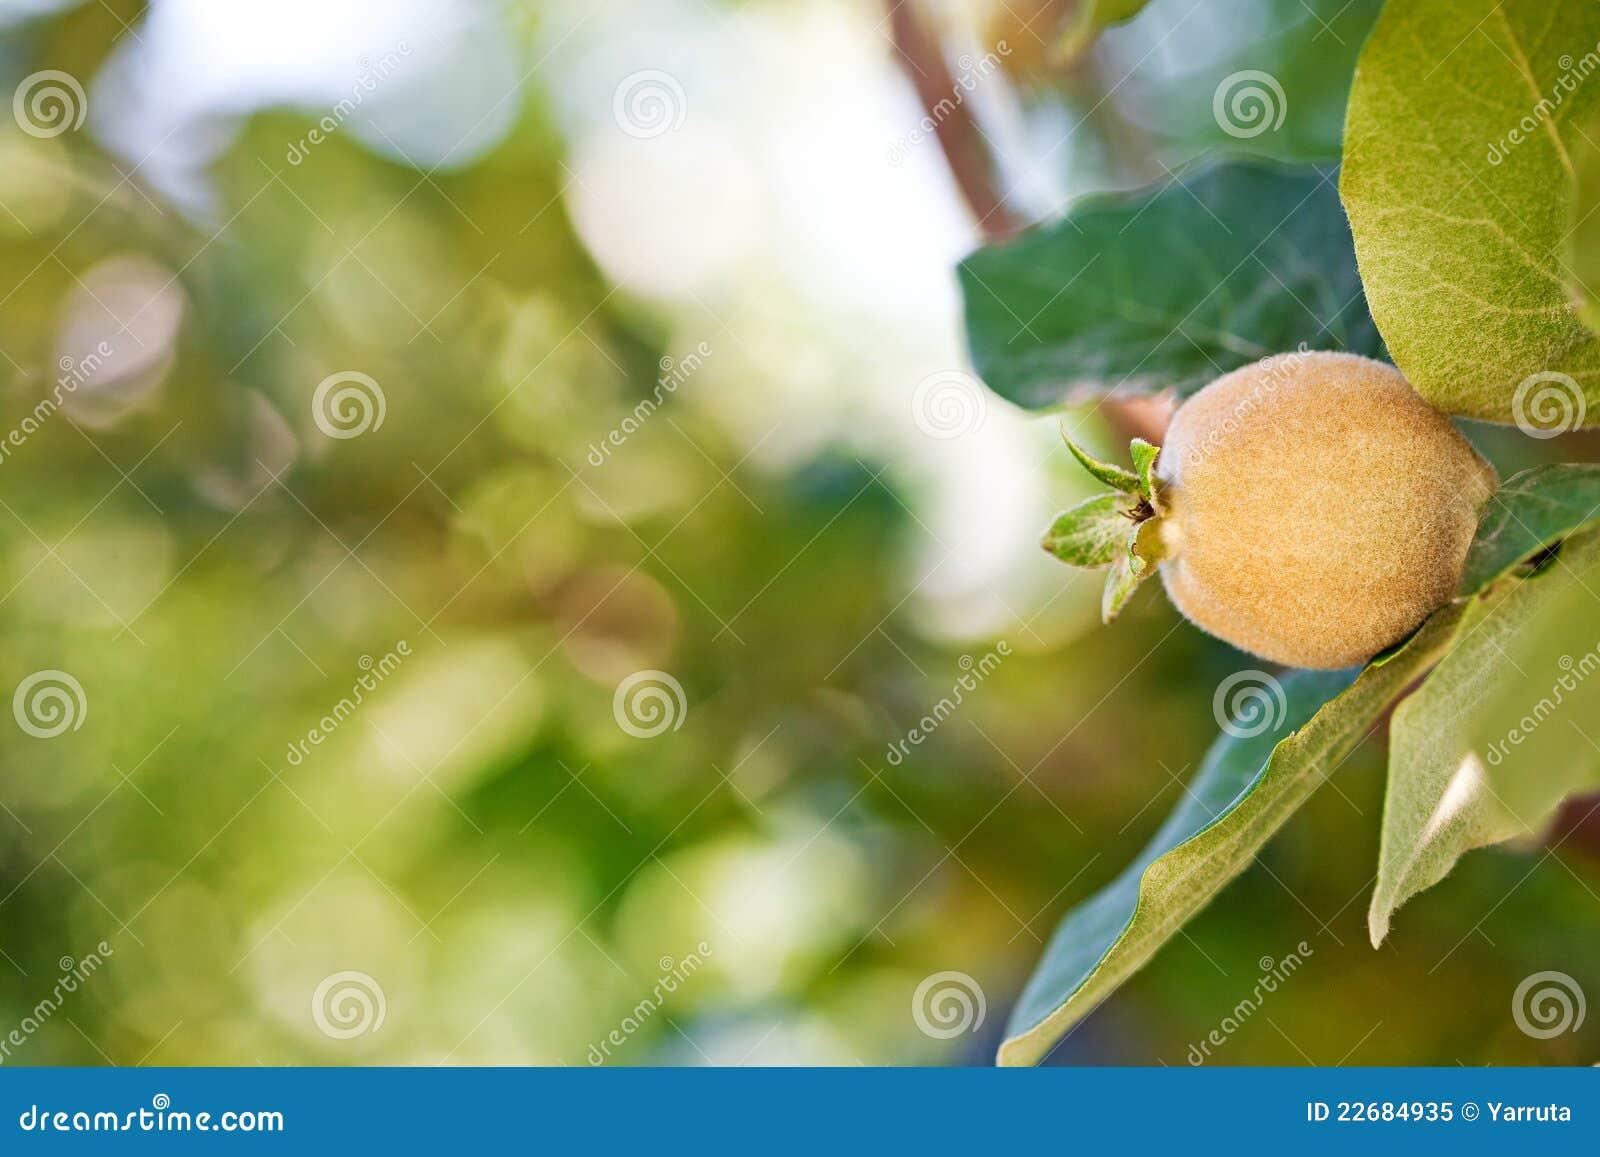 Fruta joven en rbol de membrillo foto de archivo libre de - Arbol de membrillo ...